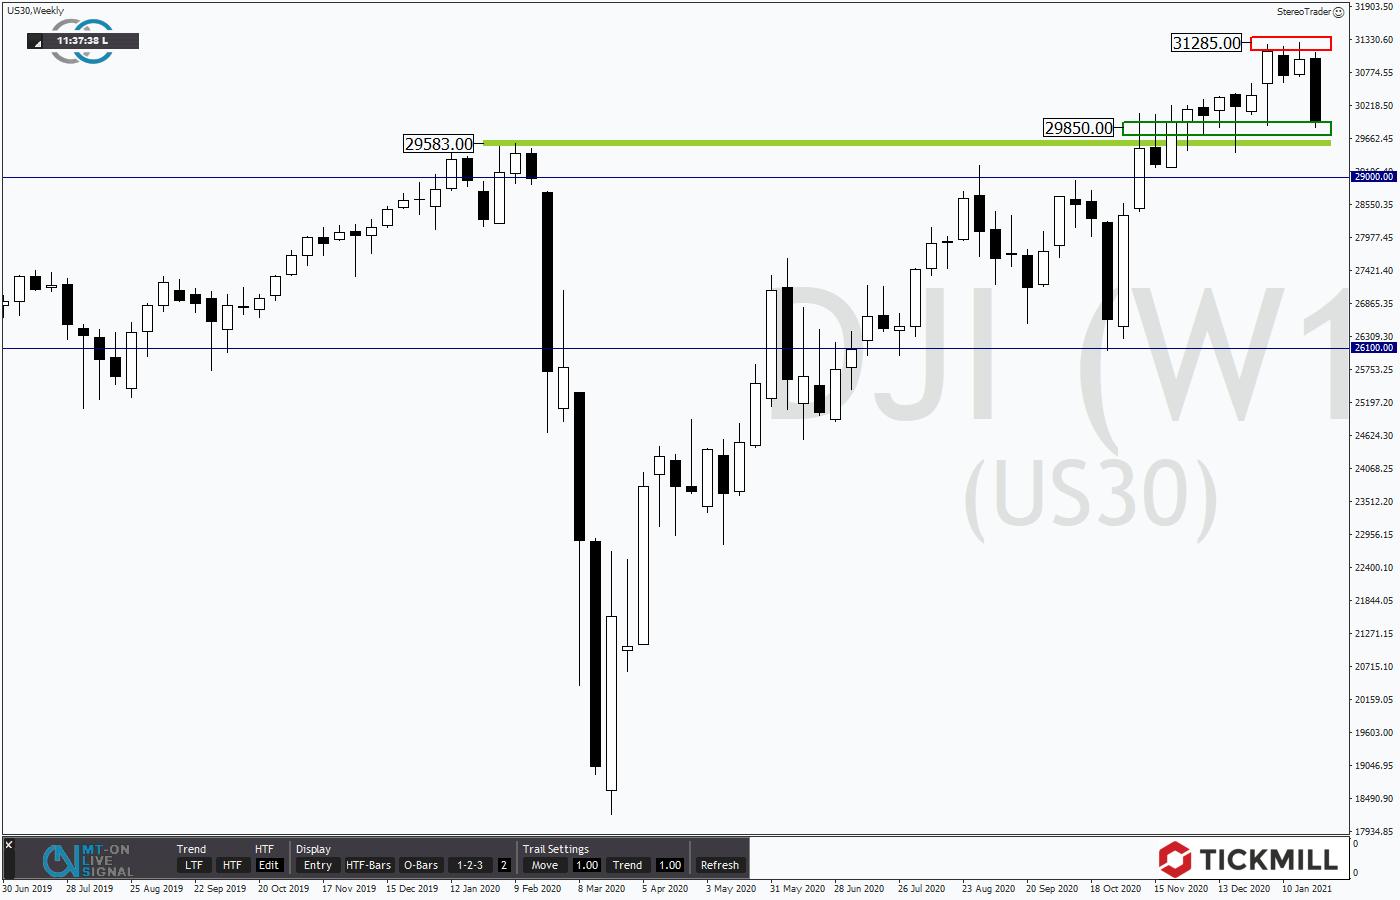 Tickmill-Analyse: Wochenchart im Dow Jones